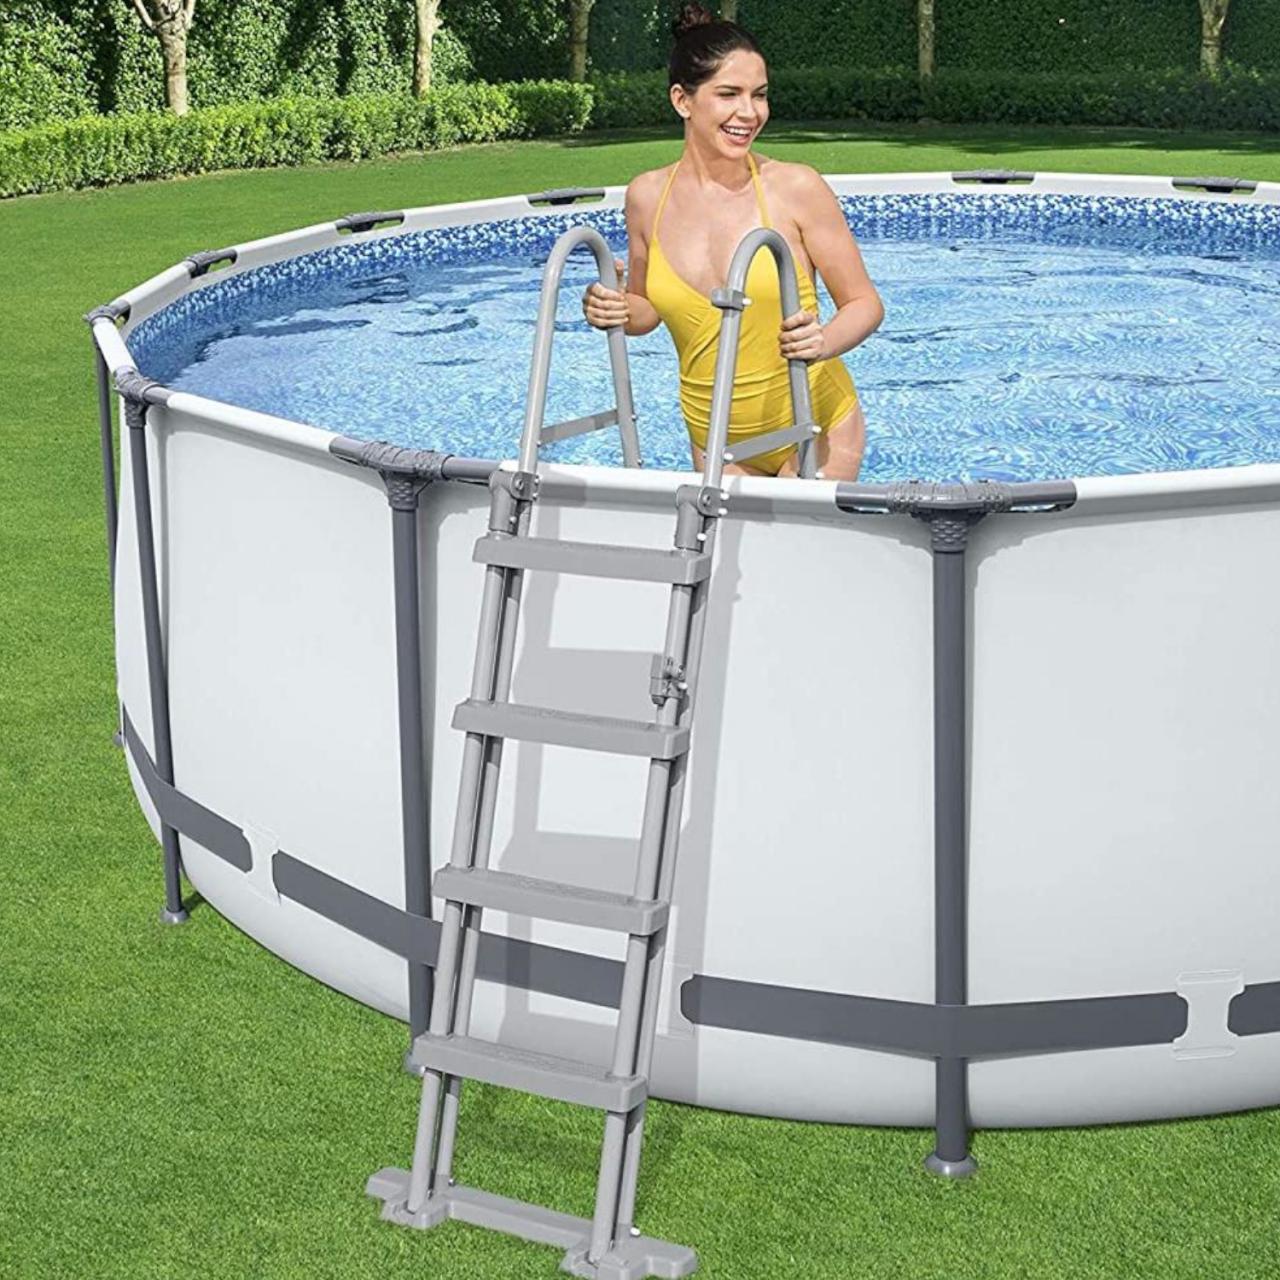 Bestway 58331 Poolleiter Sicherheitsleiter Leiter 122 cm Schwimmbadleiter